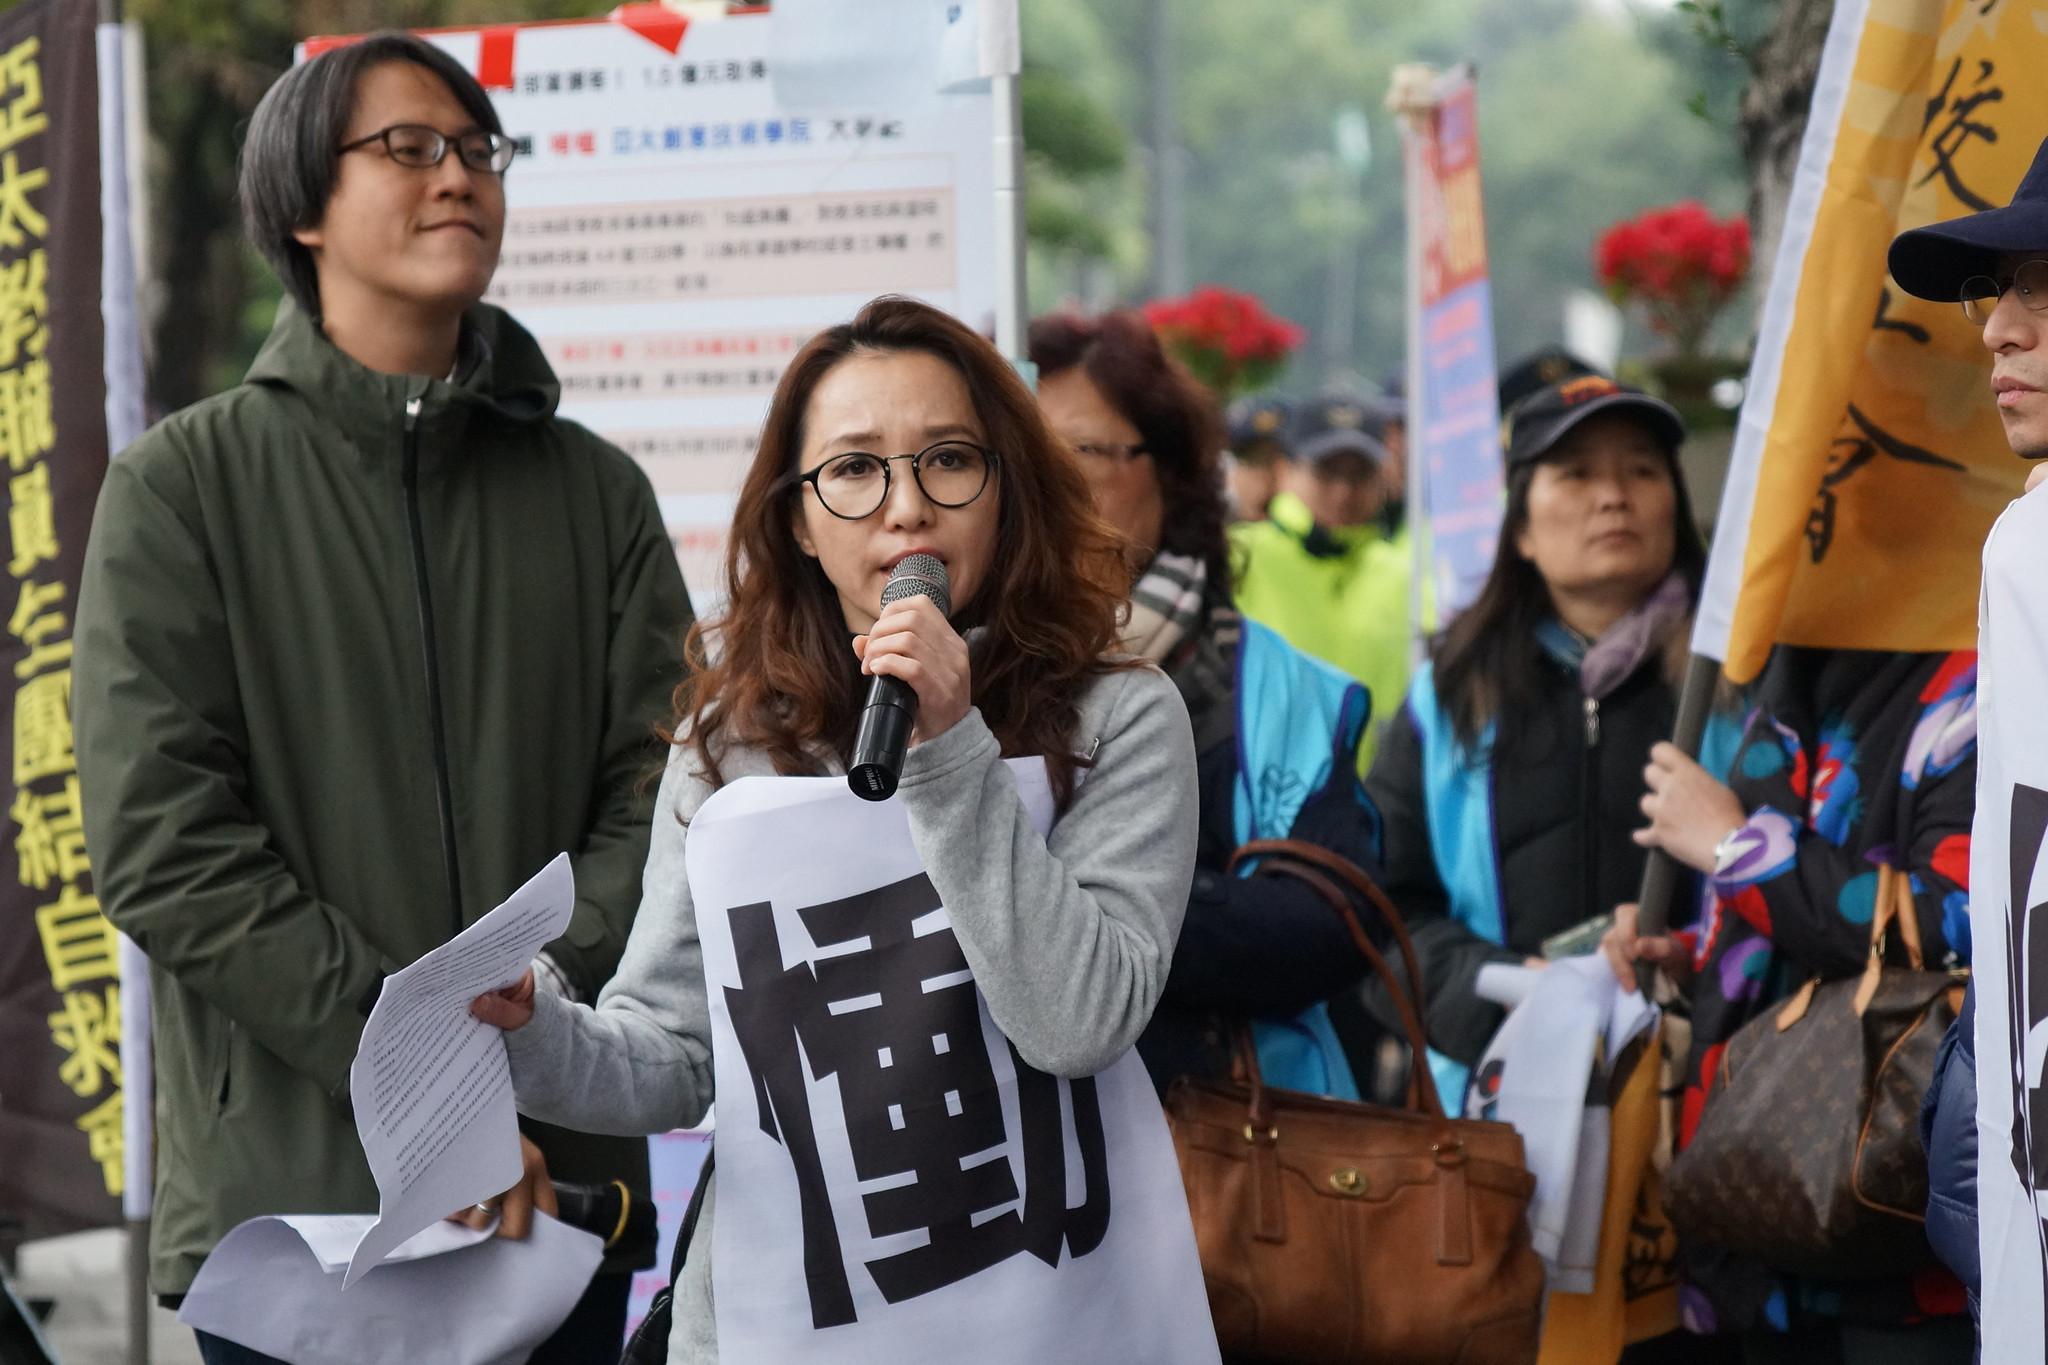 亚太教师黄惠芝批评教育部失能,师生怒火已到临界点。(摄影:王颢中)